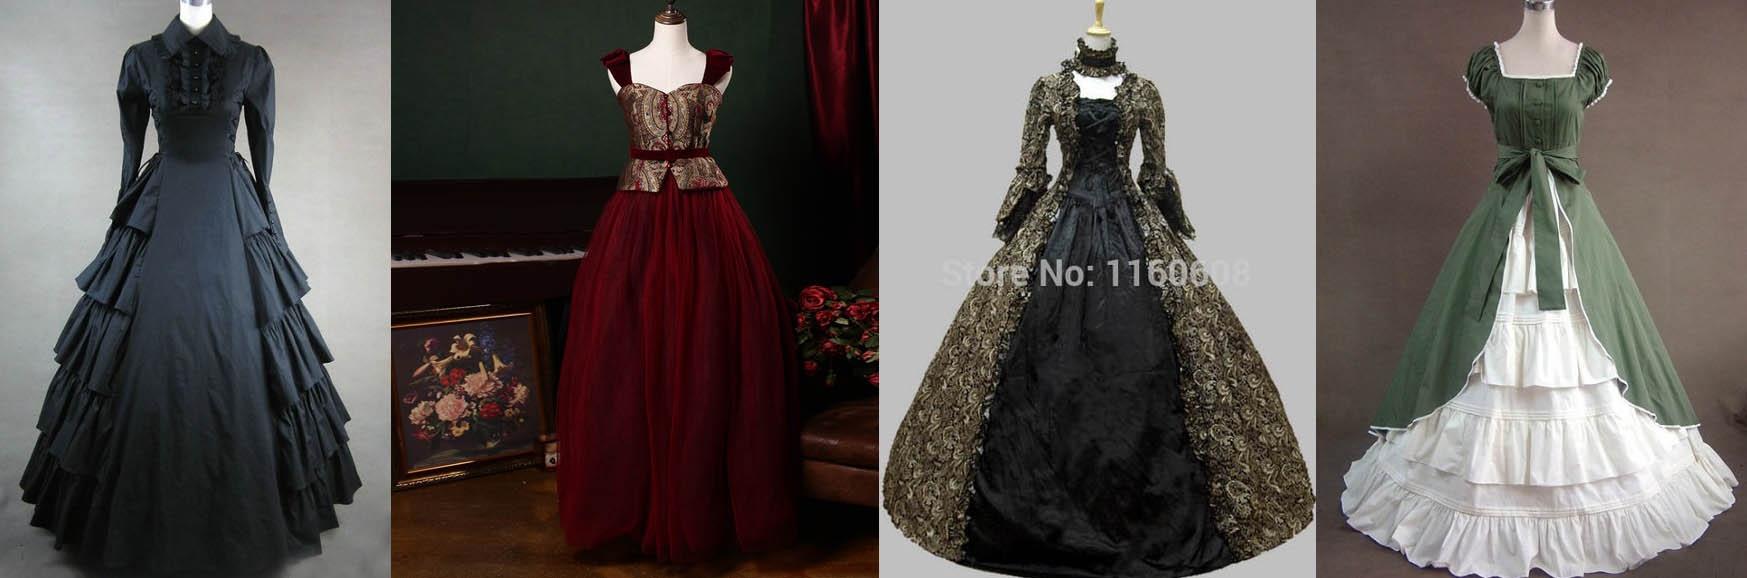 Викторианский стиль в одежде викторианские платья